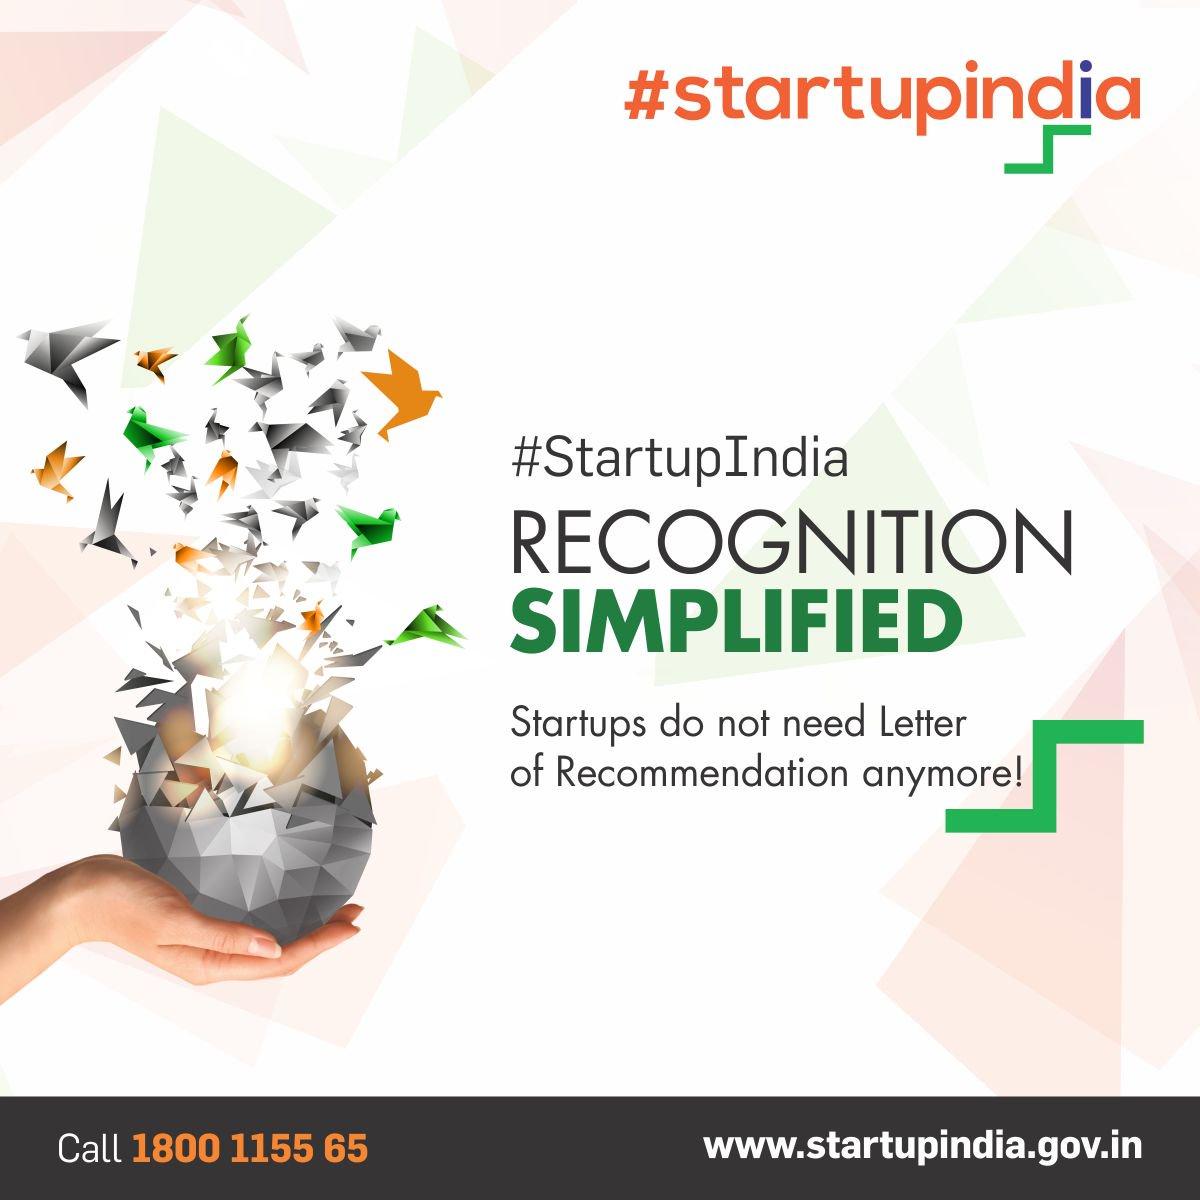 Startup India on Twitter